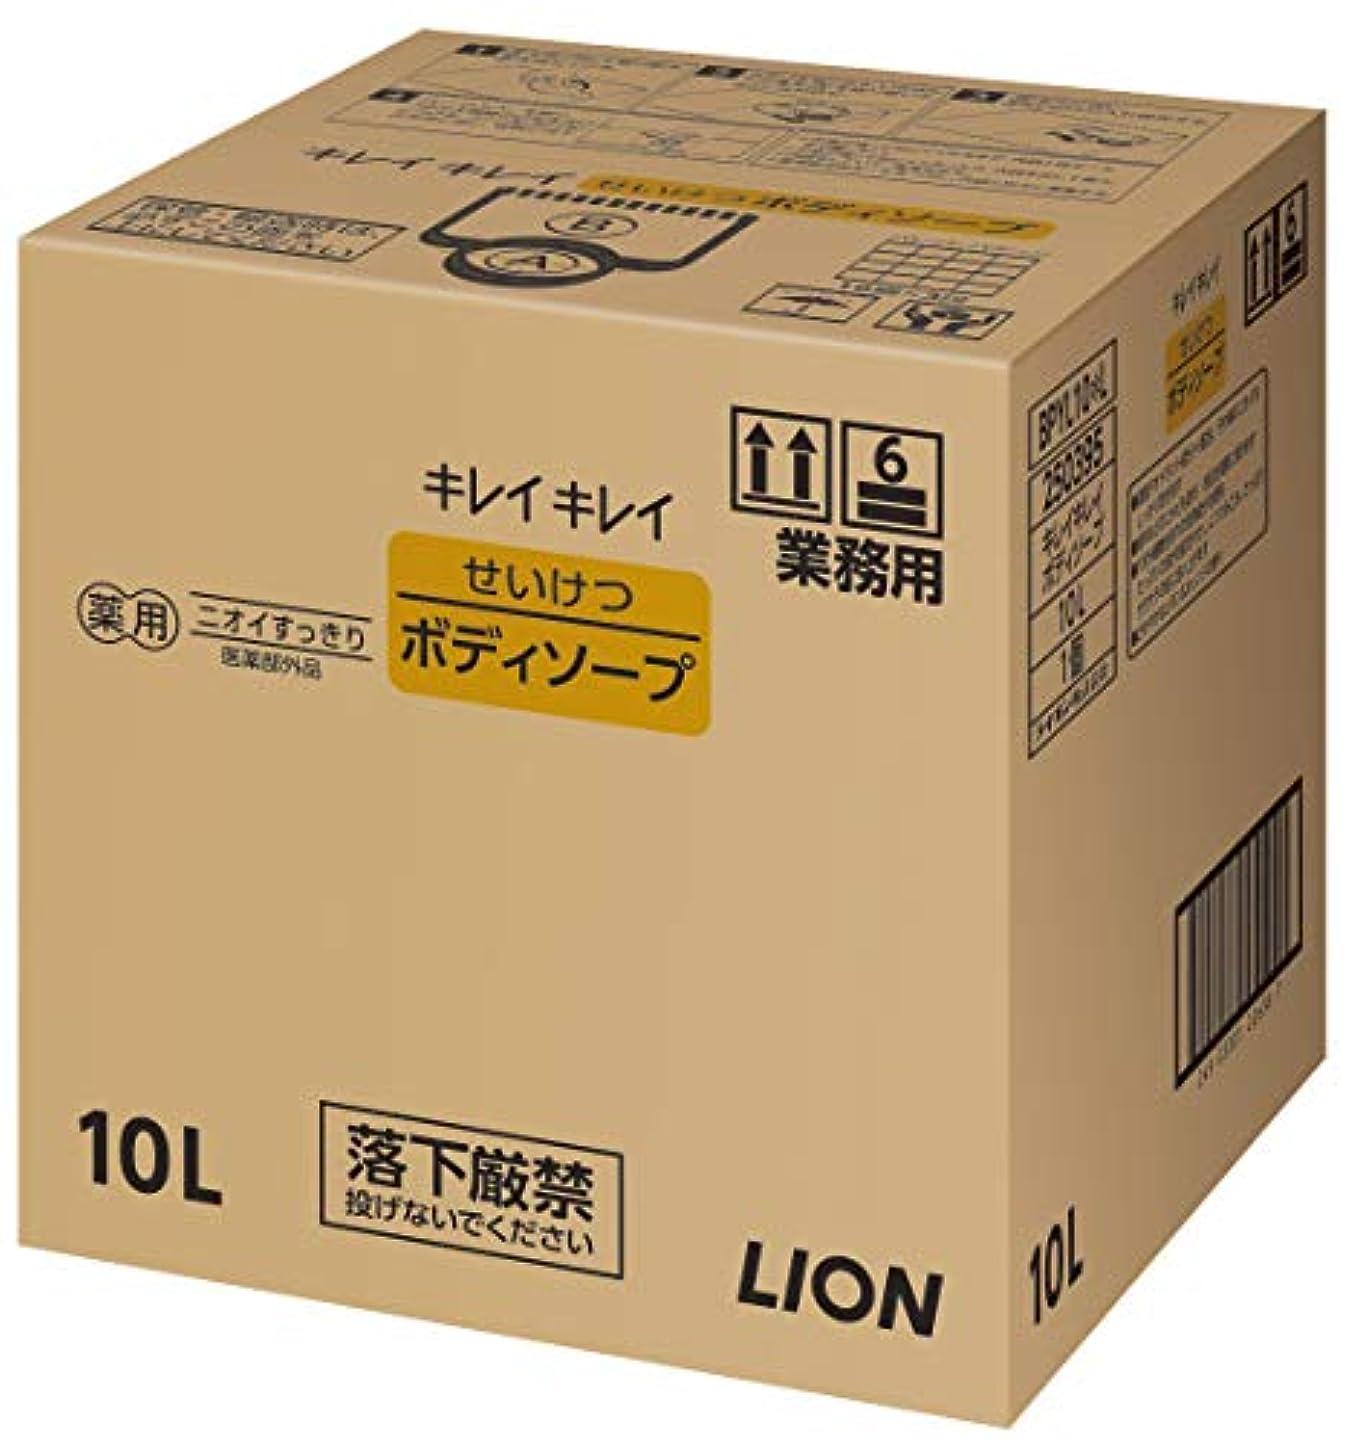 サイト遺跡悪質なキレイキレイ せいけつボディソープ さわやかなレモン&オレンジの香り 業務用 10L